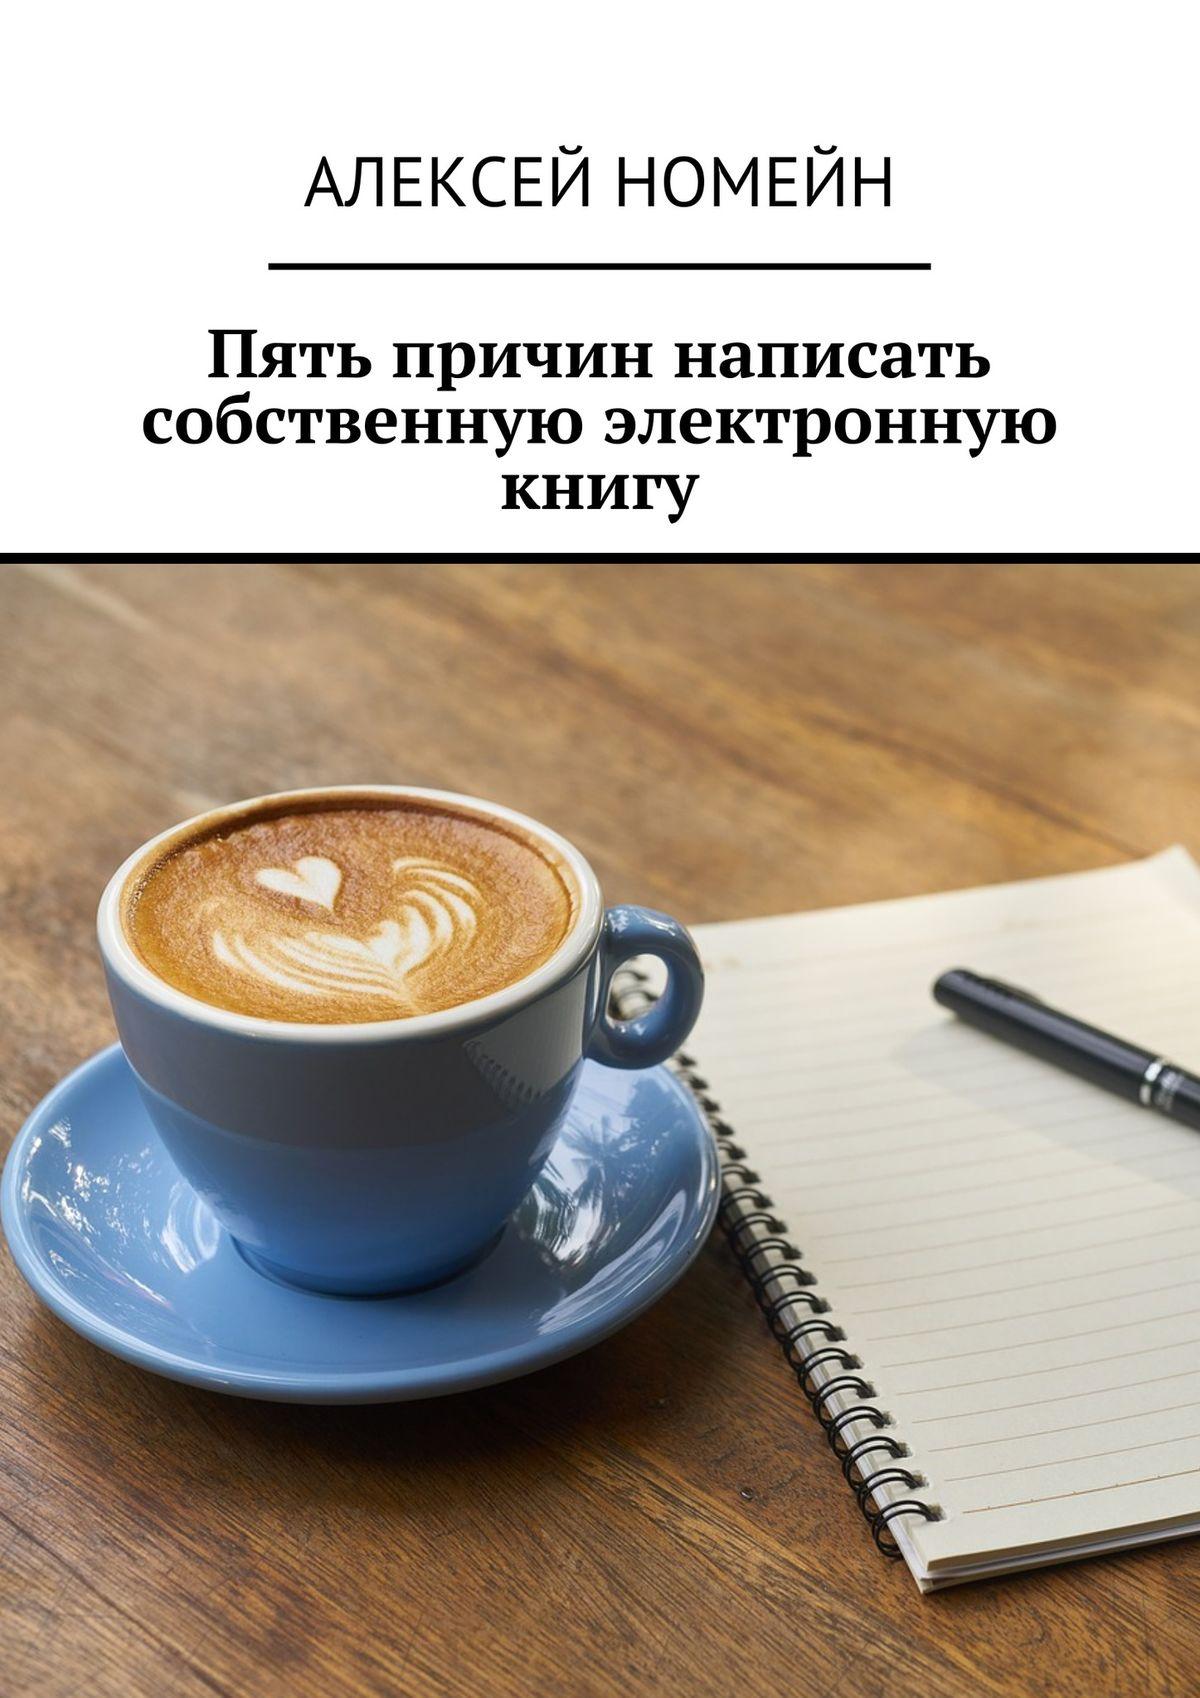 лучшая цена Алексей Номейн Пять причин написать собственную электронную книгу